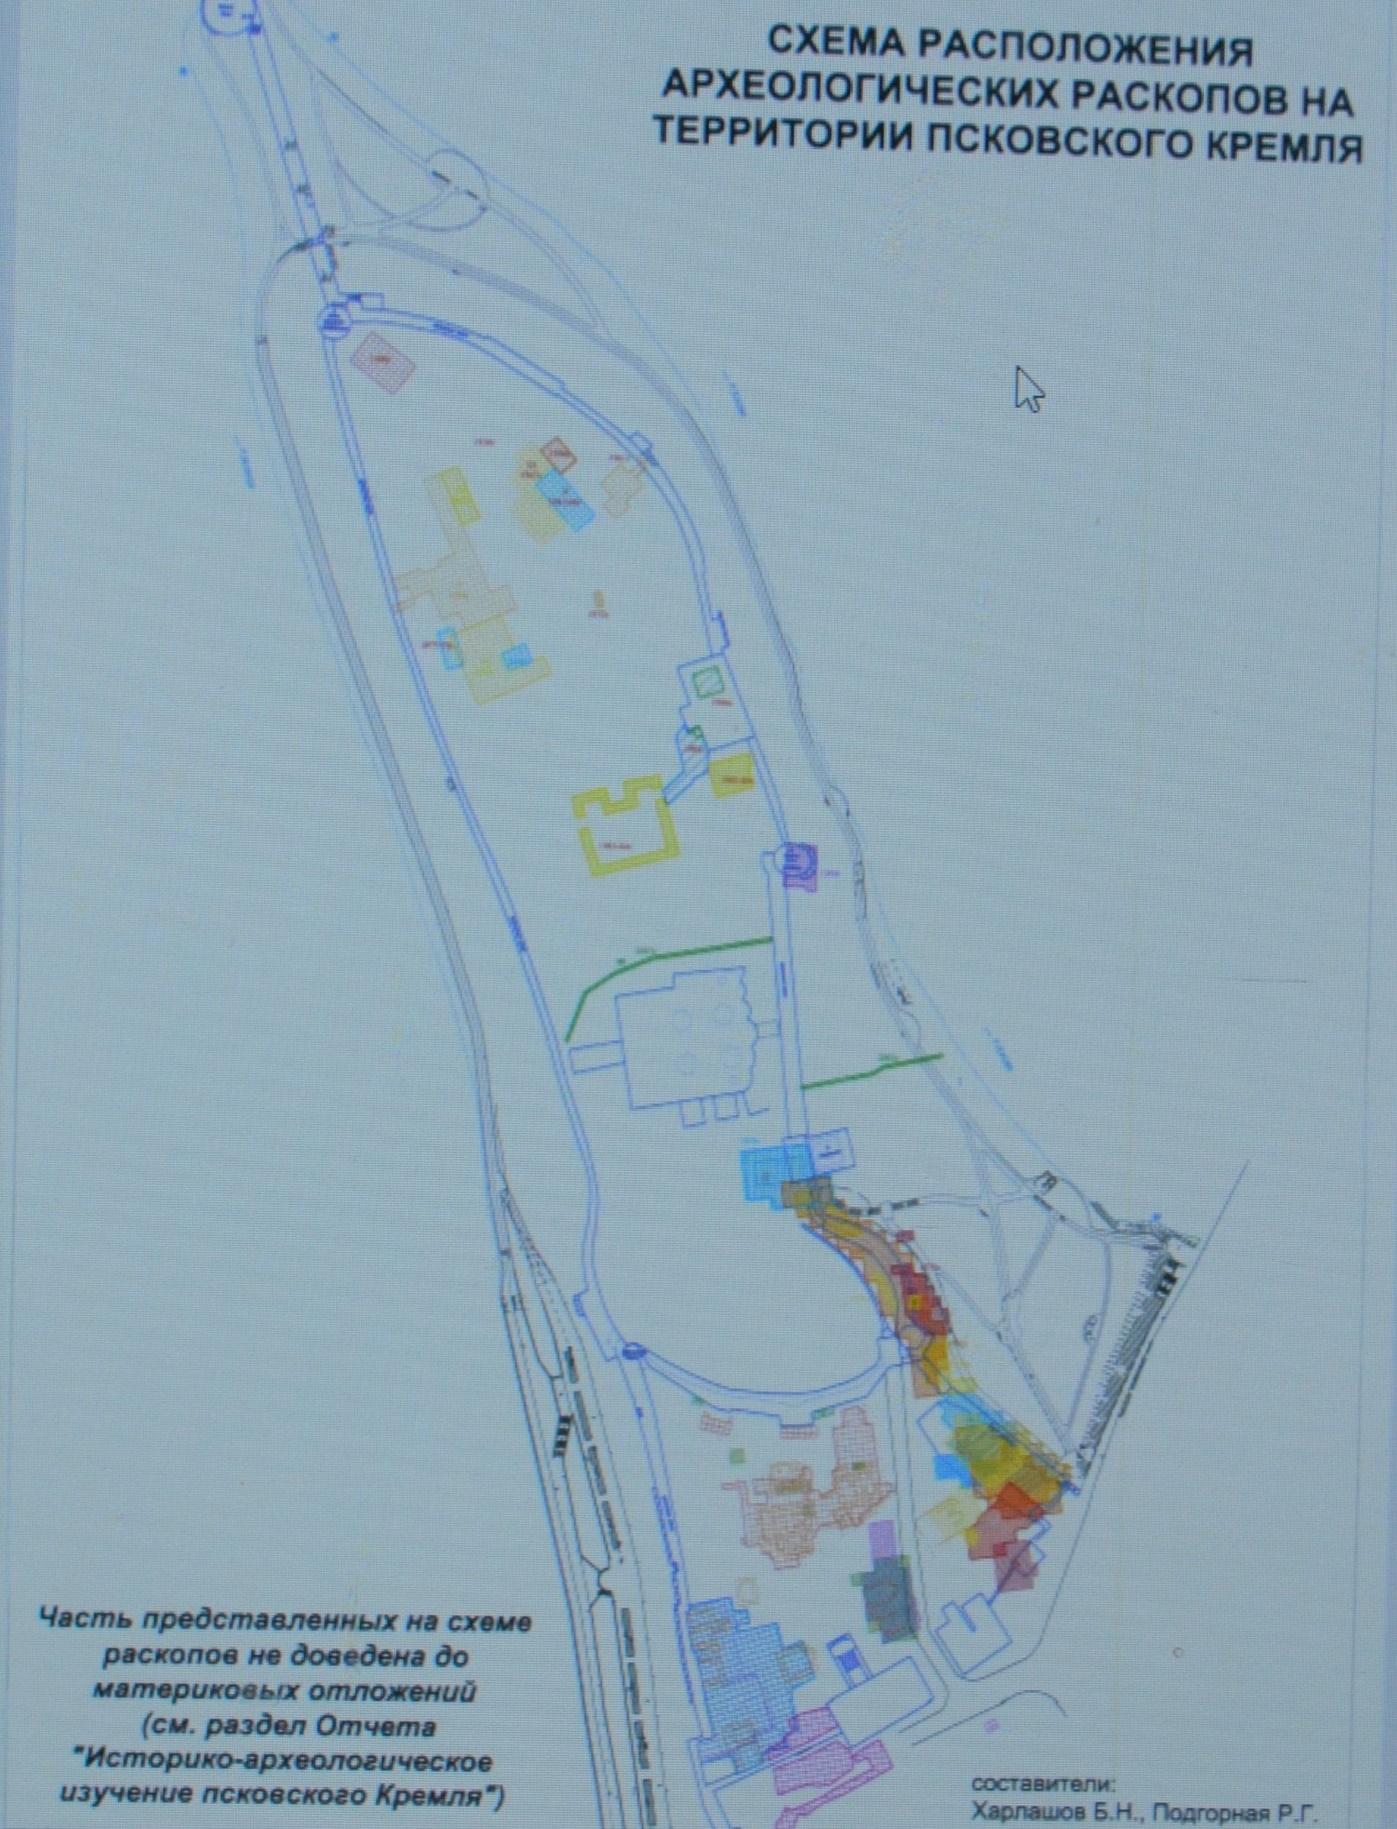 C:\Users\Раиса\Desktop\Стройэкспертиза 19.02.2020 Псков2\ЭКСПЕРТНОЕ заключение\Археологические исследования\Схема расположения археологических раскопов.для заключения.jpg